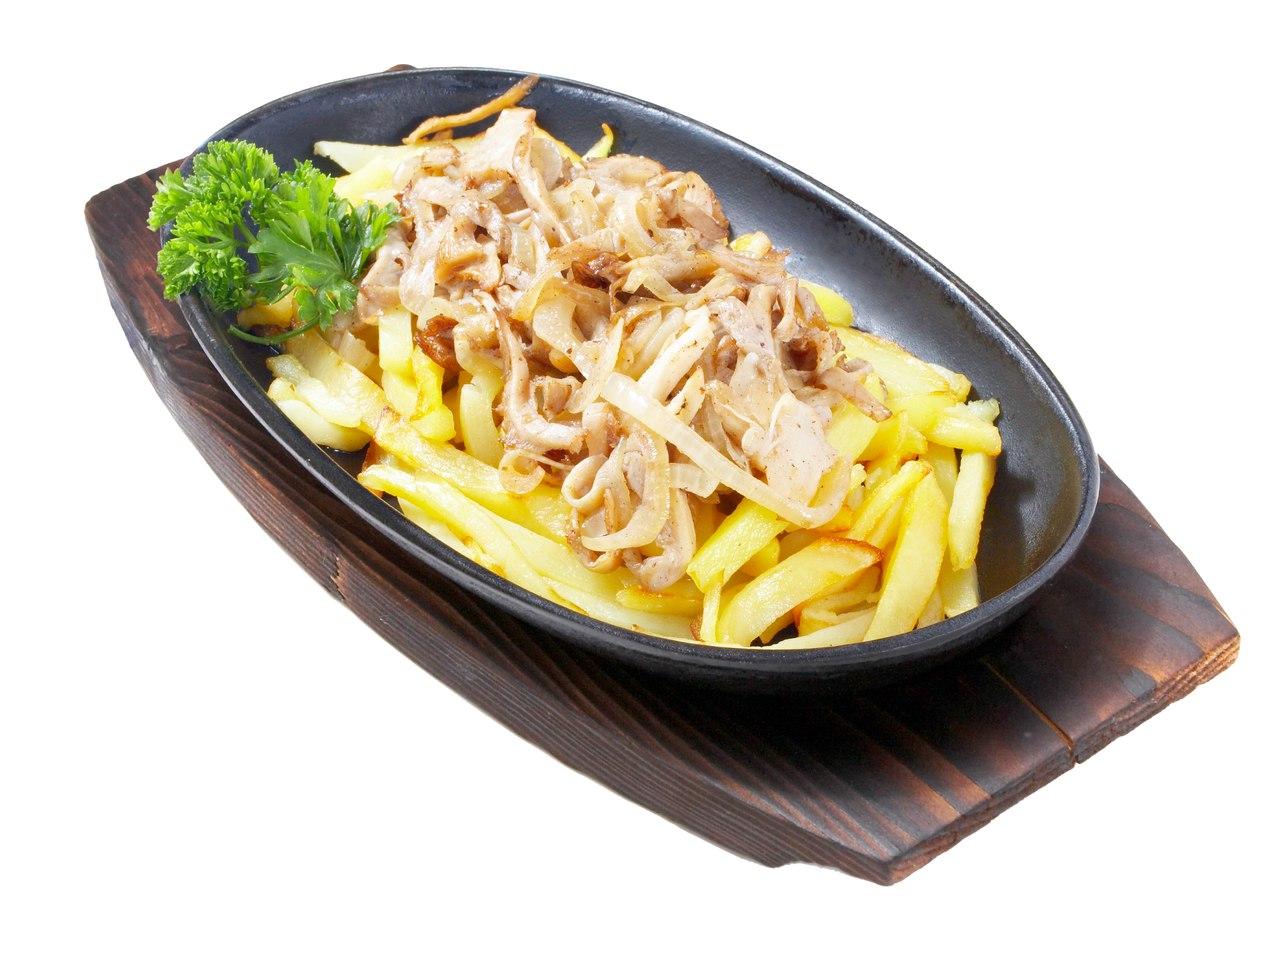 Заказать Картофель с грибами с доставкой на дом в Серпухове, Суши-бар ТАЙХЕО